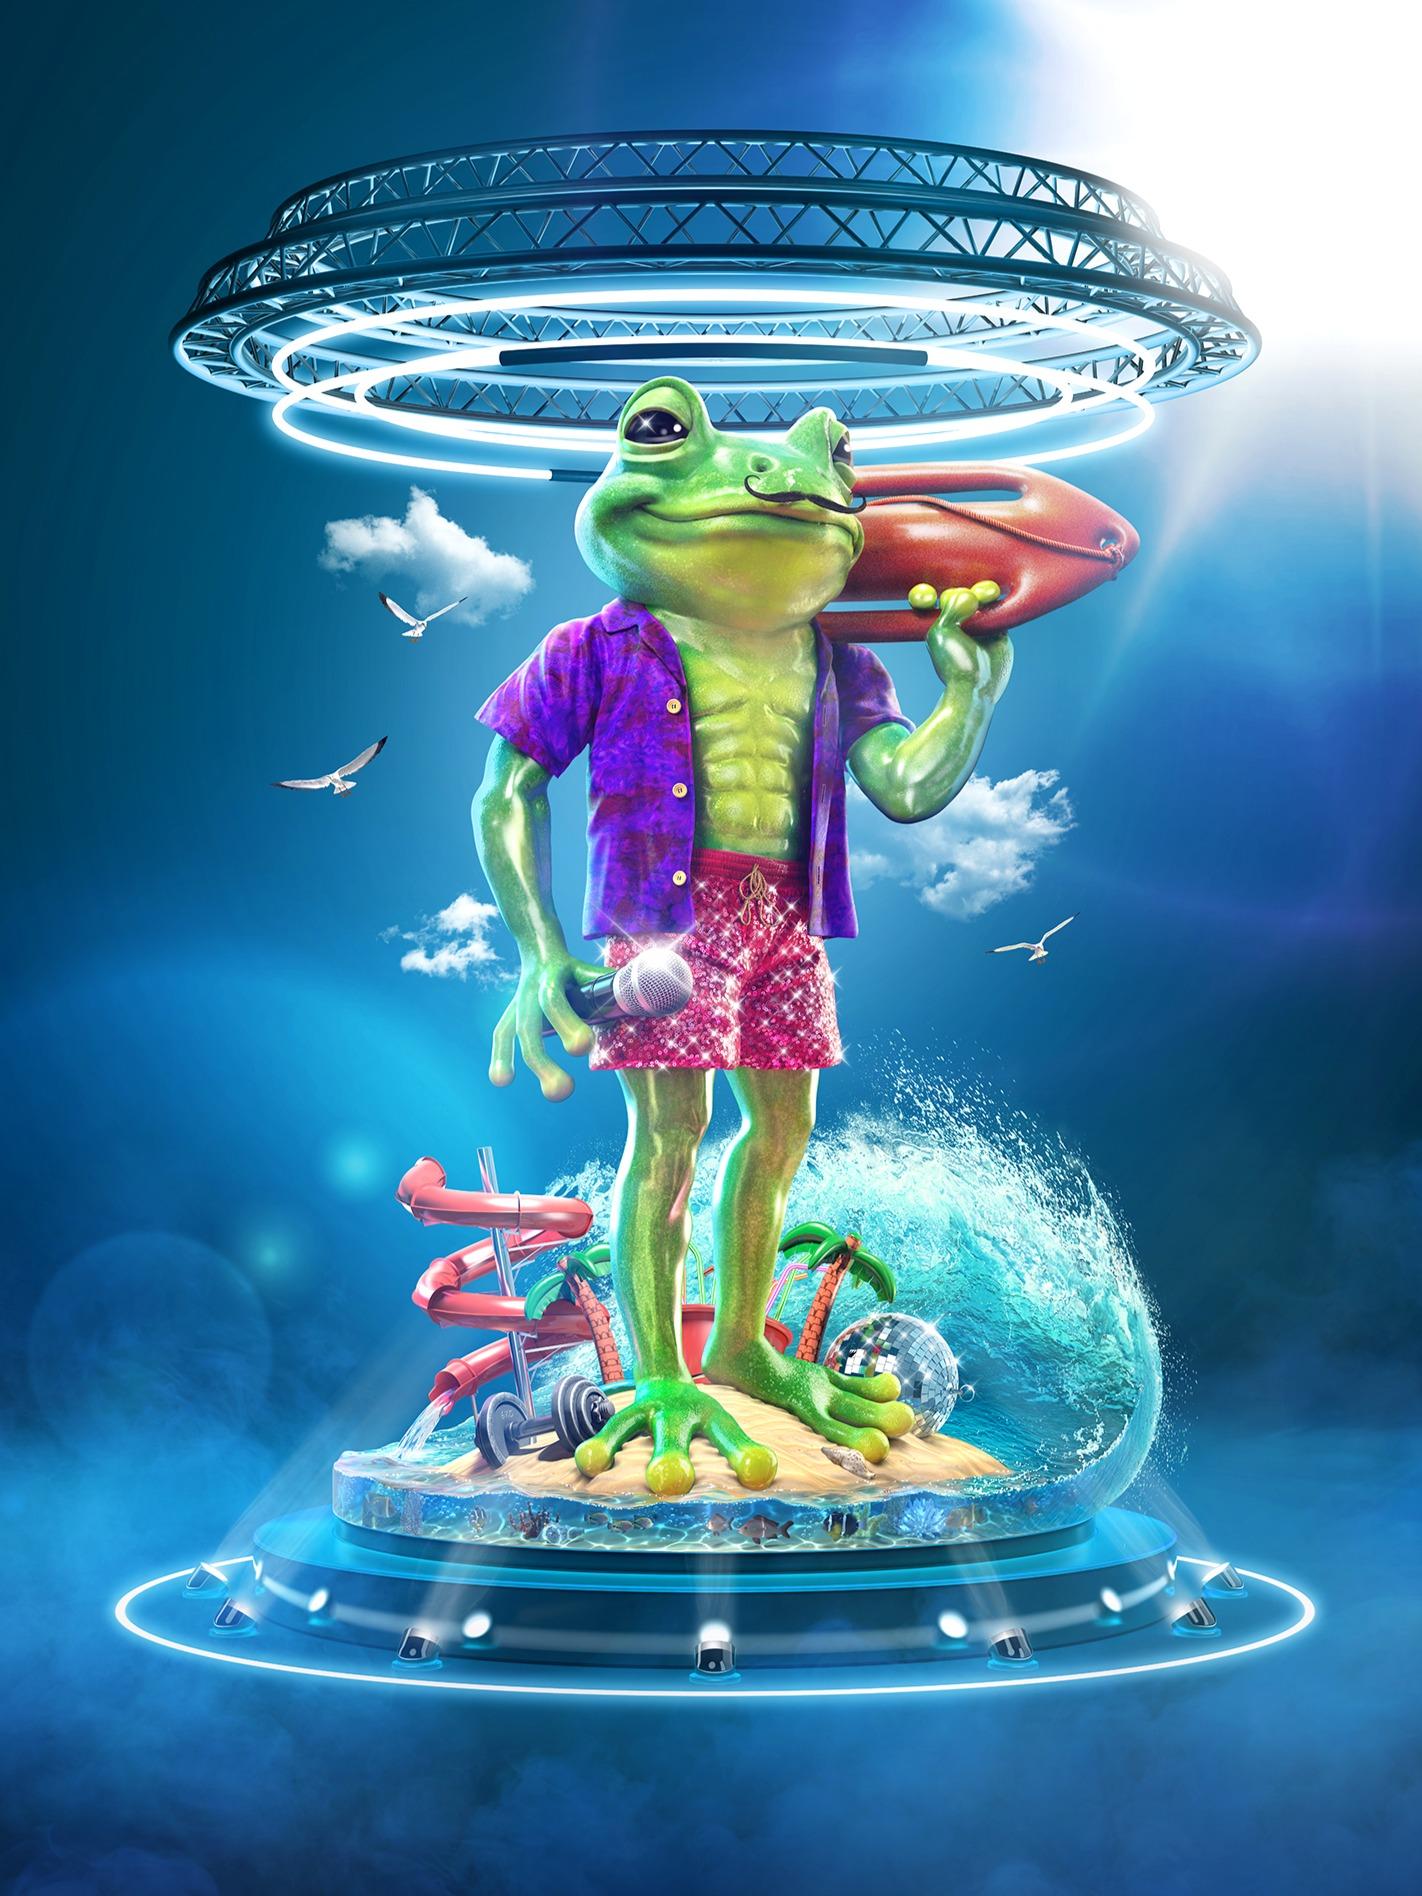 Masked Singer S3 Frog